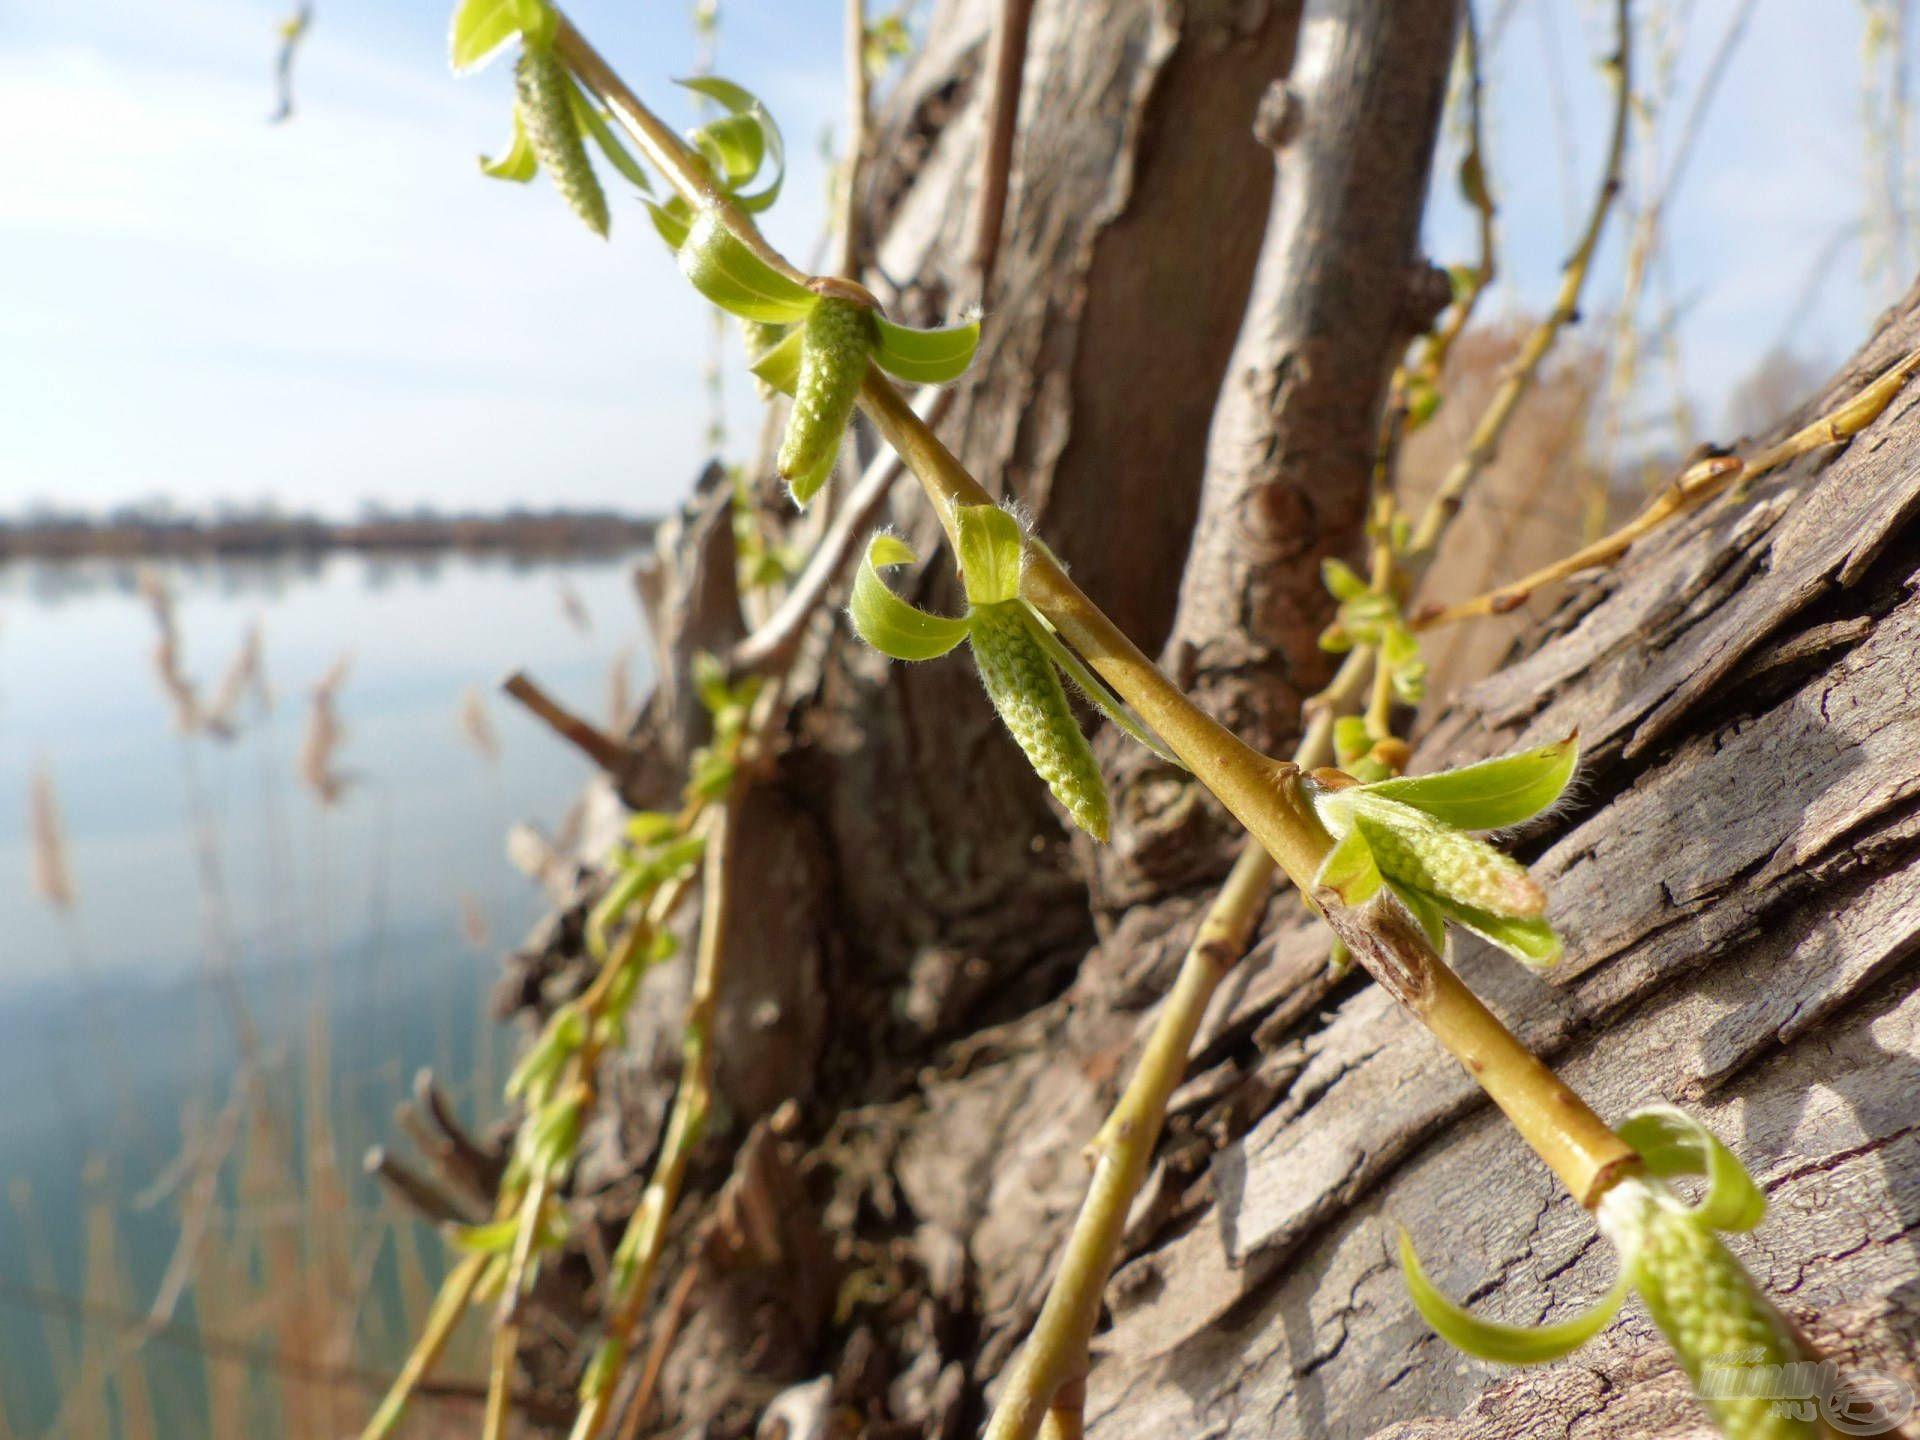 Gyönyörű idő volt, végre itt a tavasz, erről árulkodik a természet is